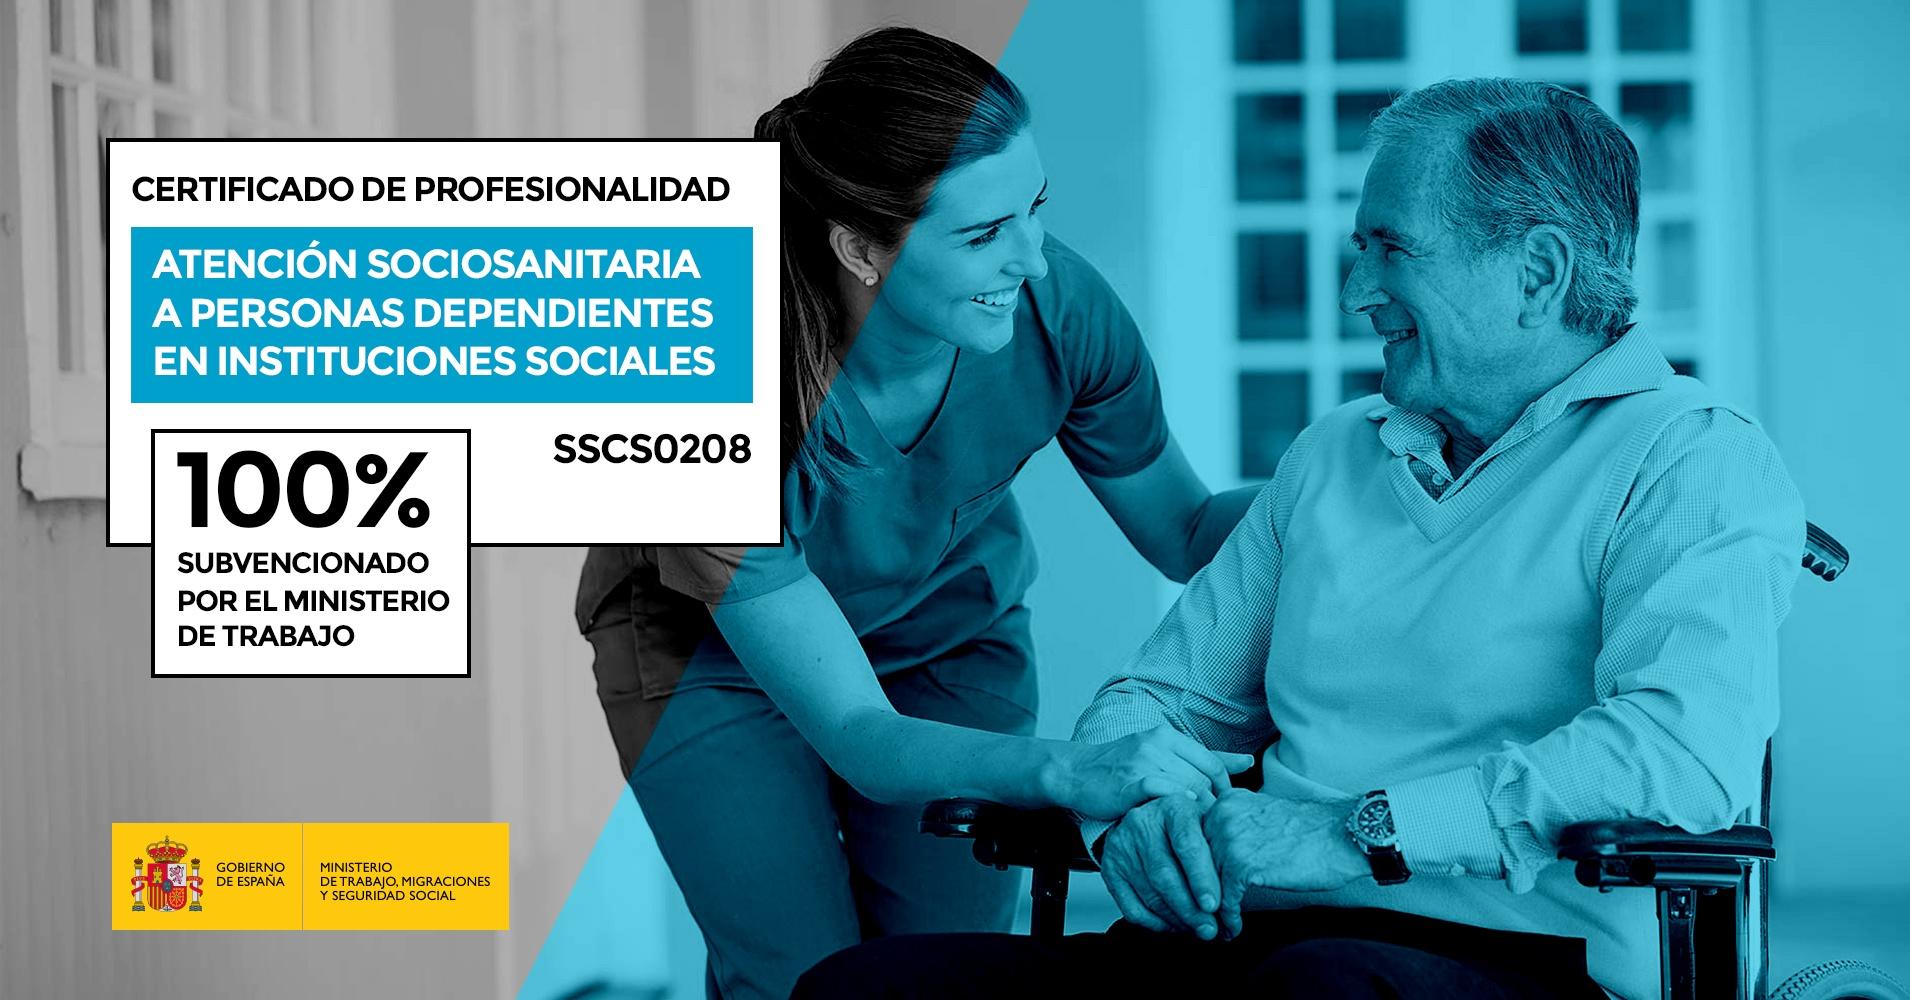 Certificado de Profesionalidad Atencion sociosanitaria a personas dependientes en instituciones sociales